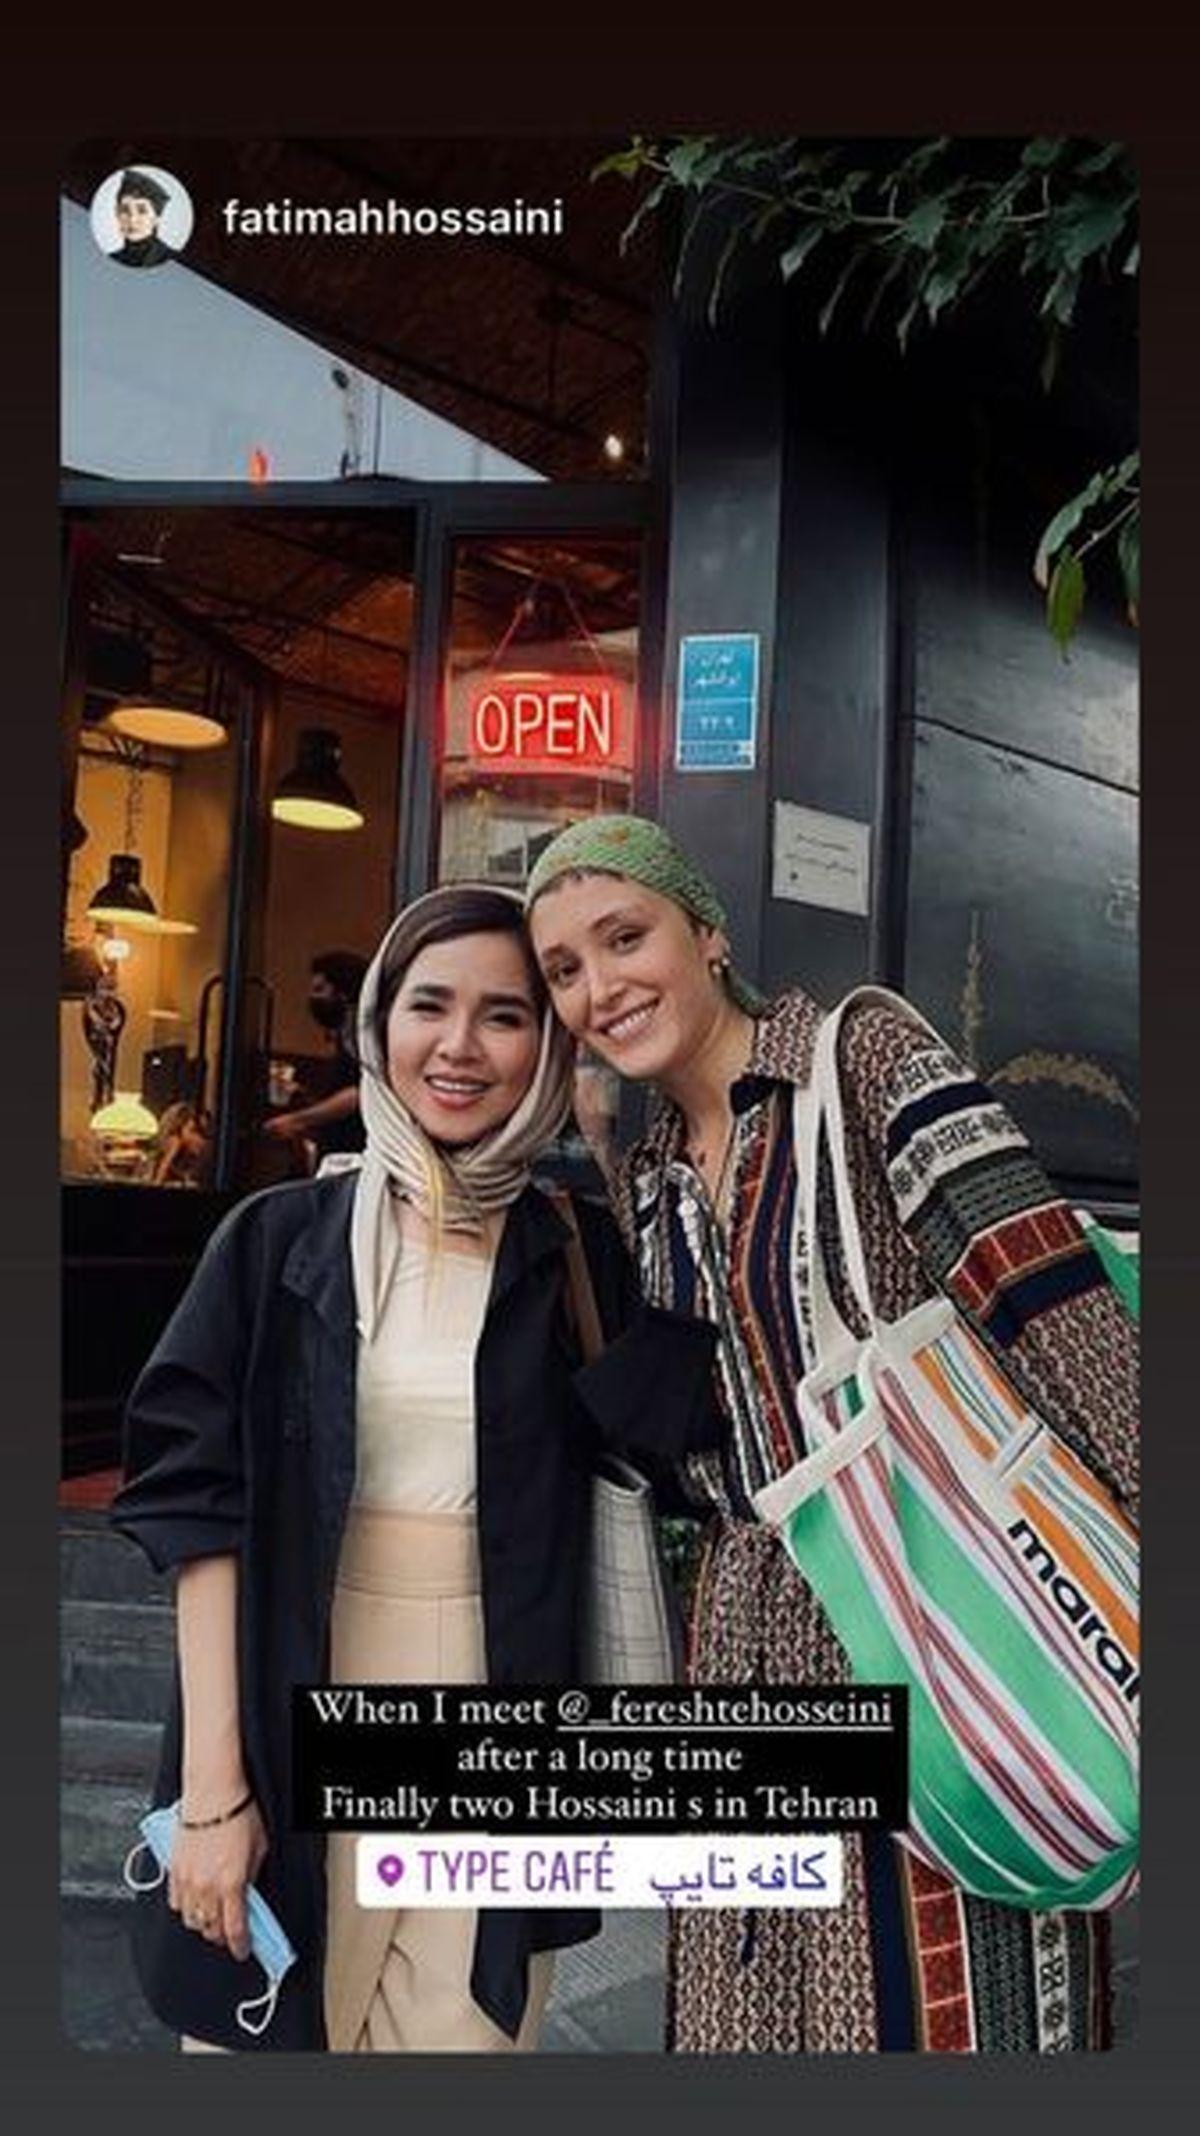 فرشته حسینی بدون حجاب و با پیراهن لختی در کافه +عکس